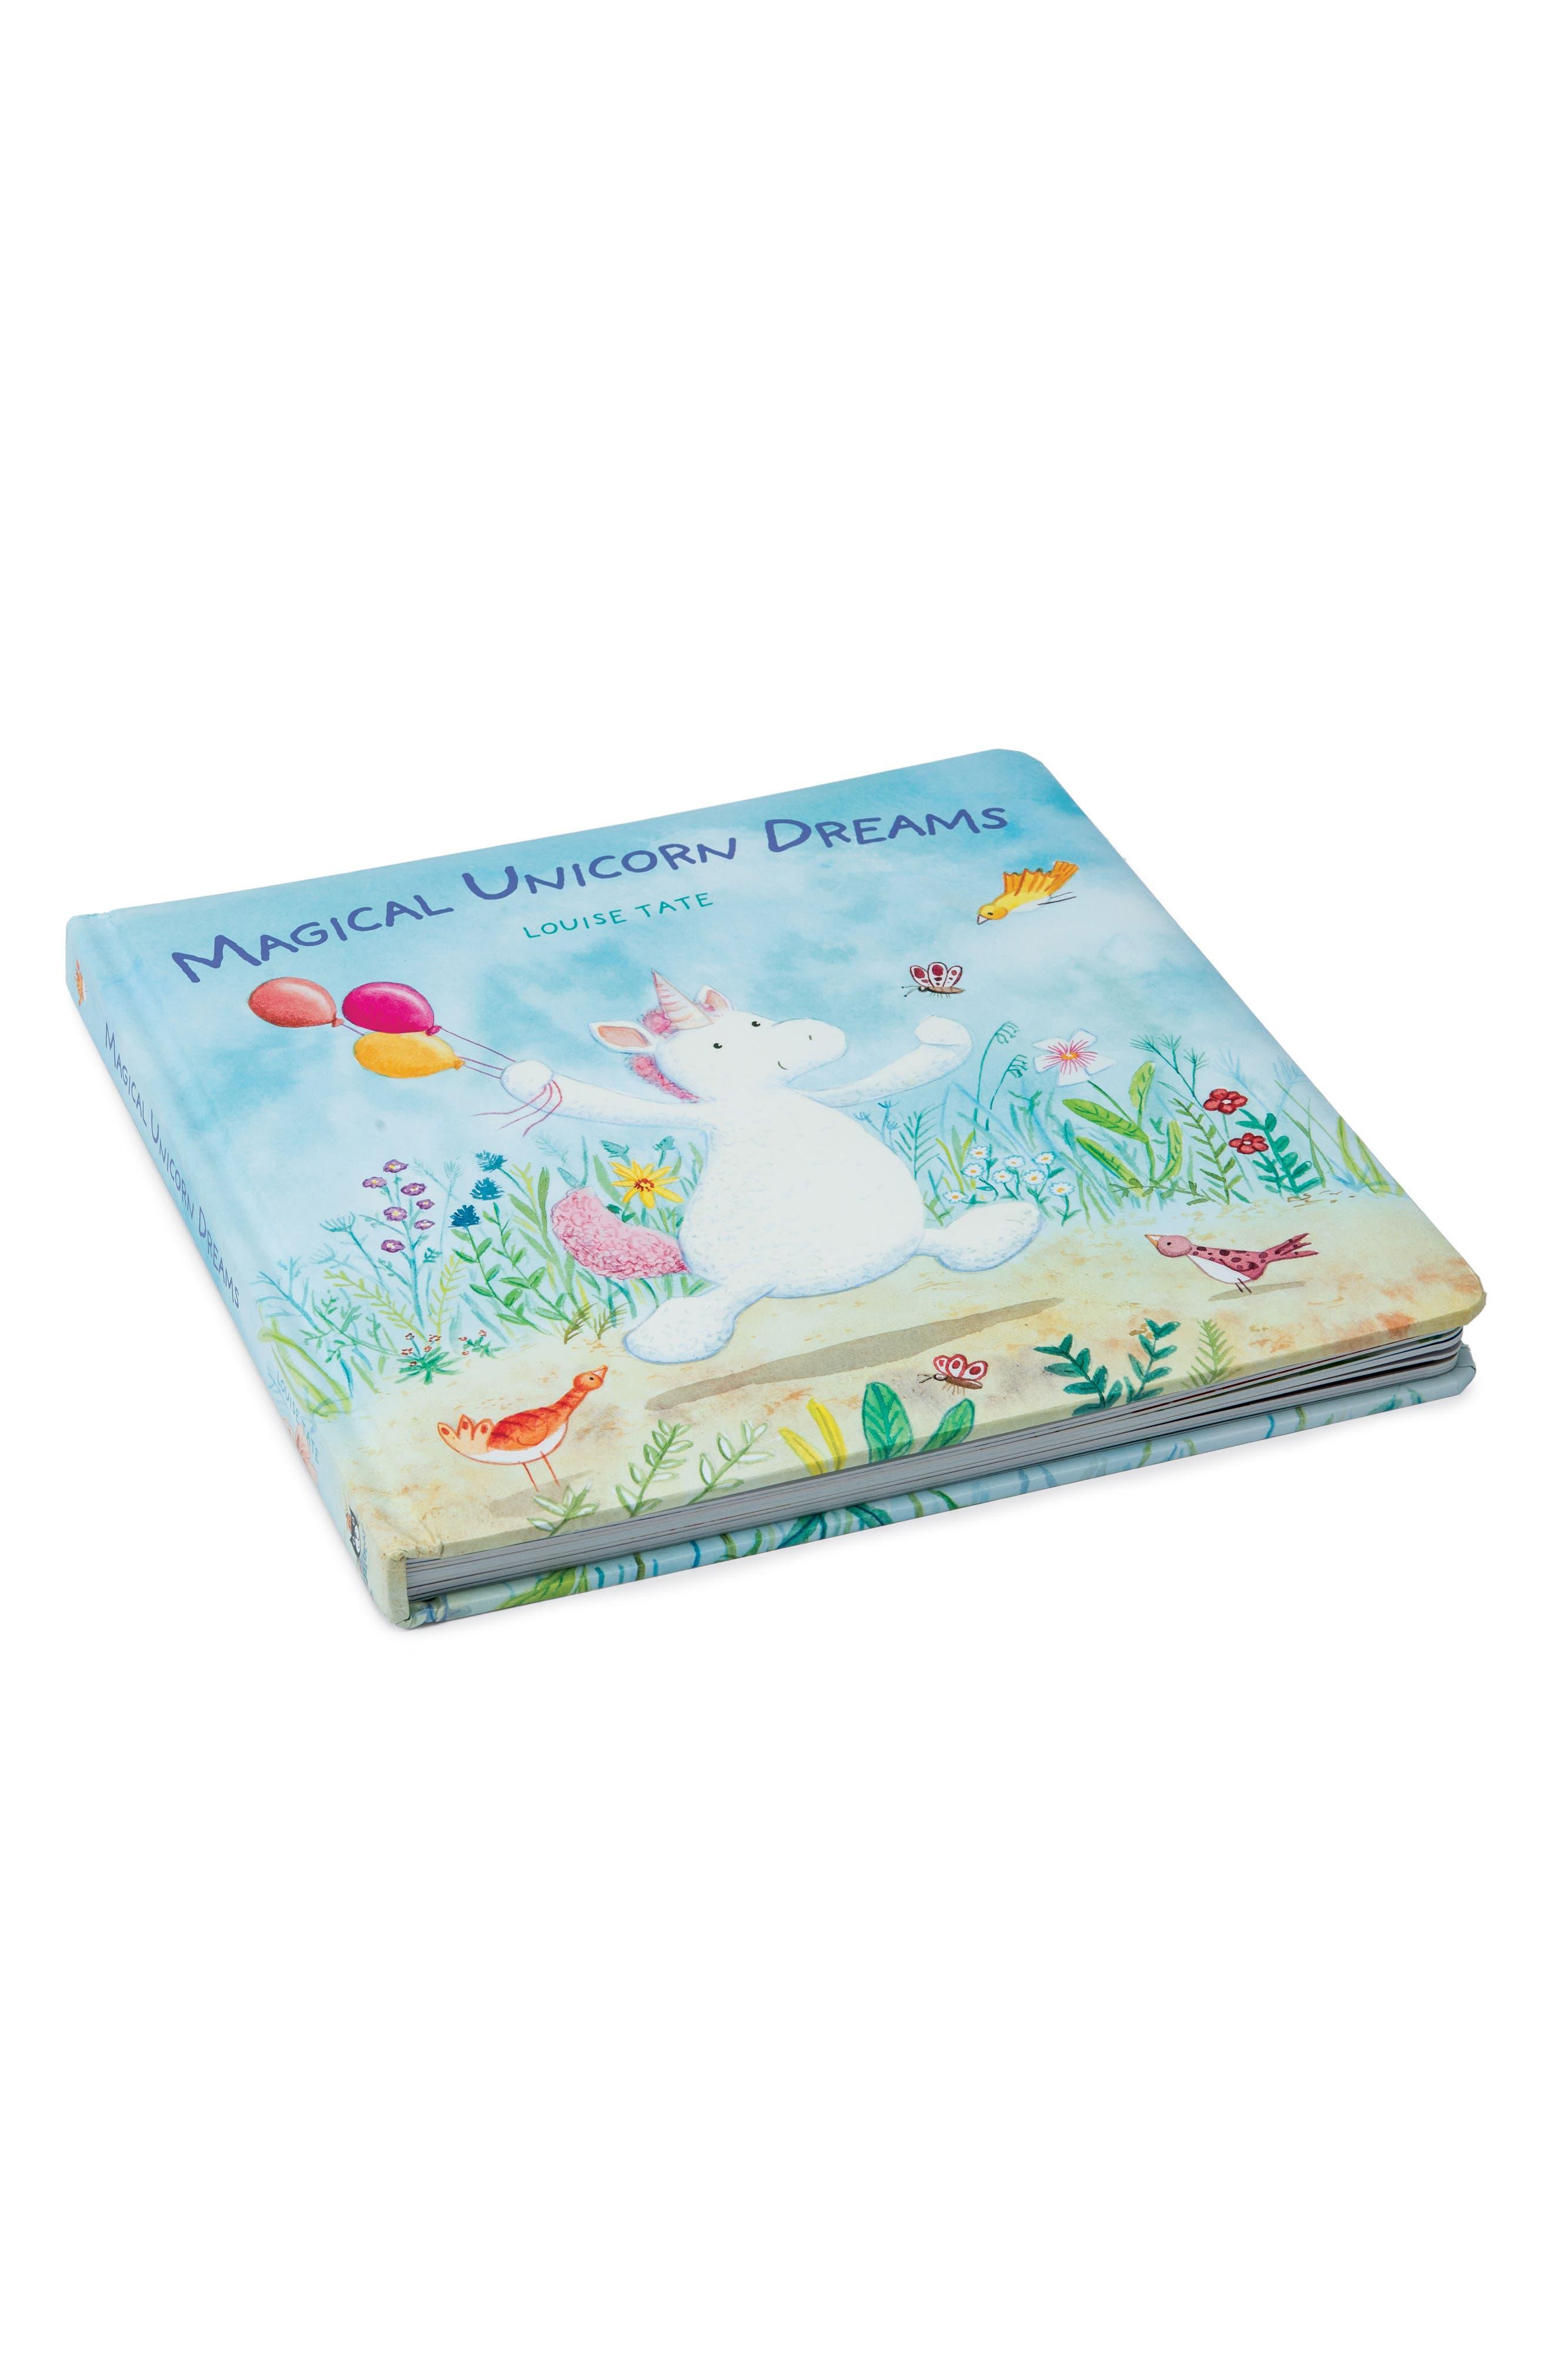 'Unicorn Dreams' Board Book,                             Alternate thumbnail 2, color,                             WHITE